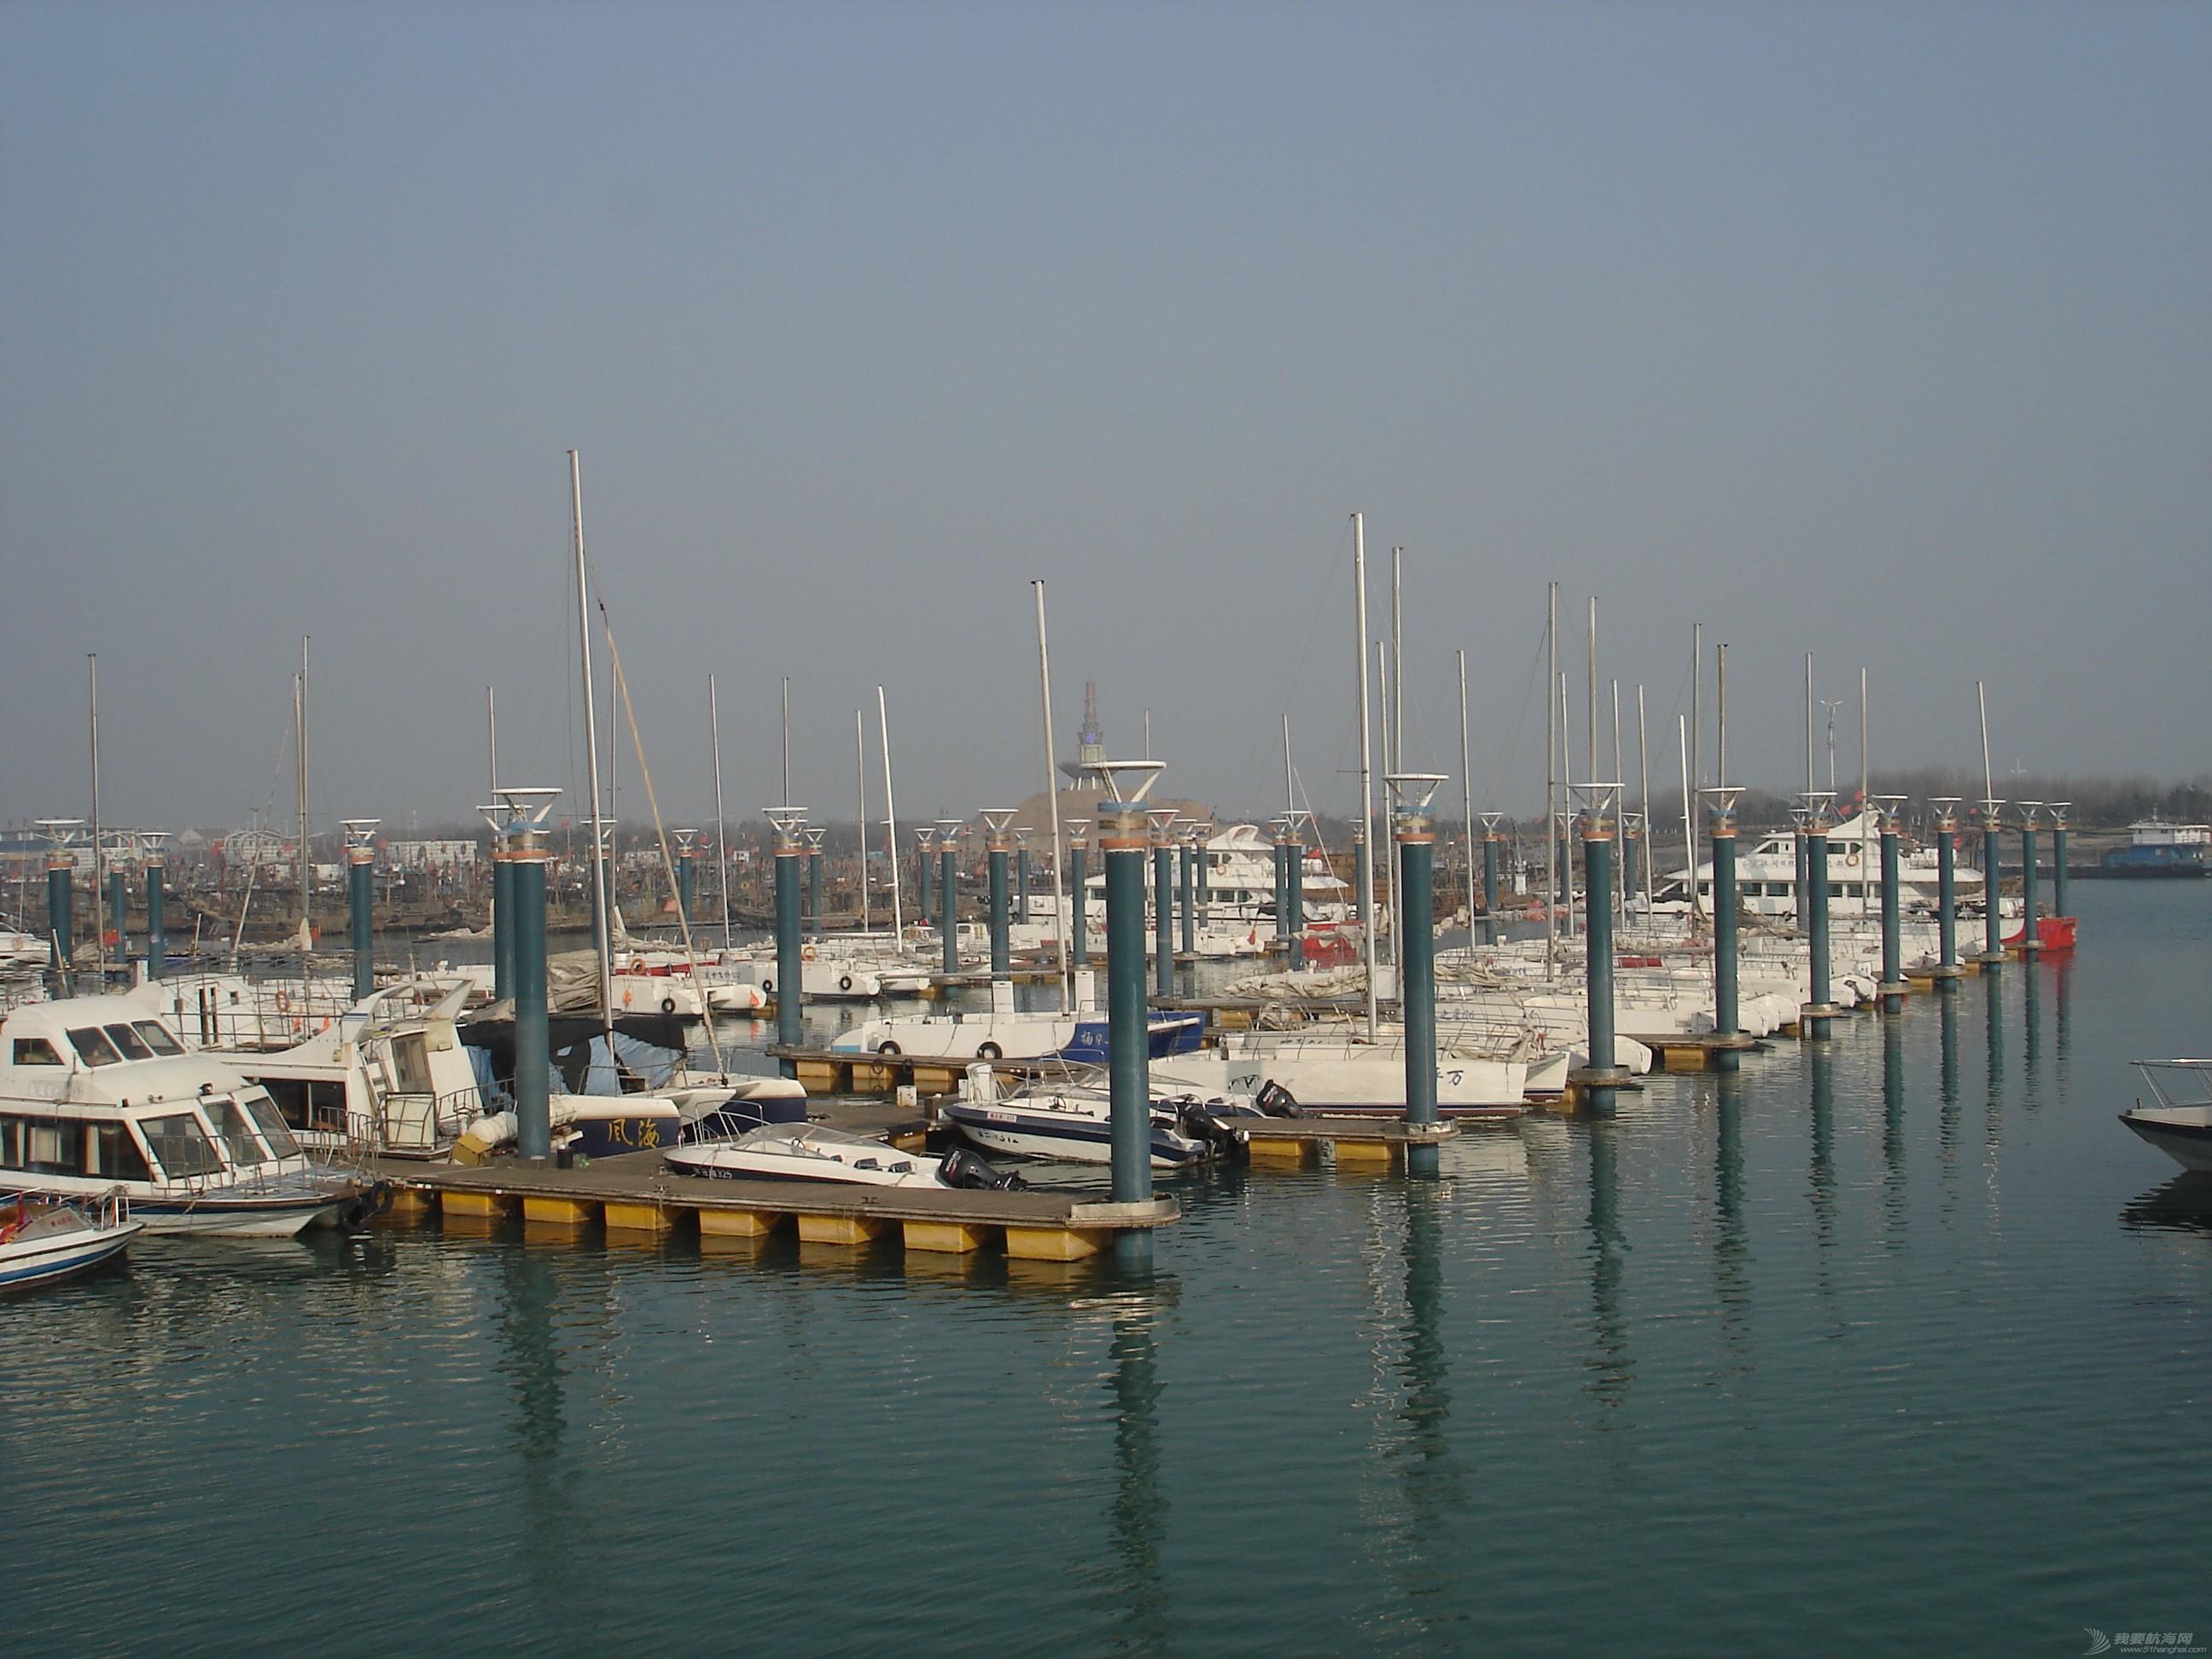 帆船 免费航海不是梦…我是十四期学员(我要去航海/全民公益航海帆船训练) DSC02025.JPG